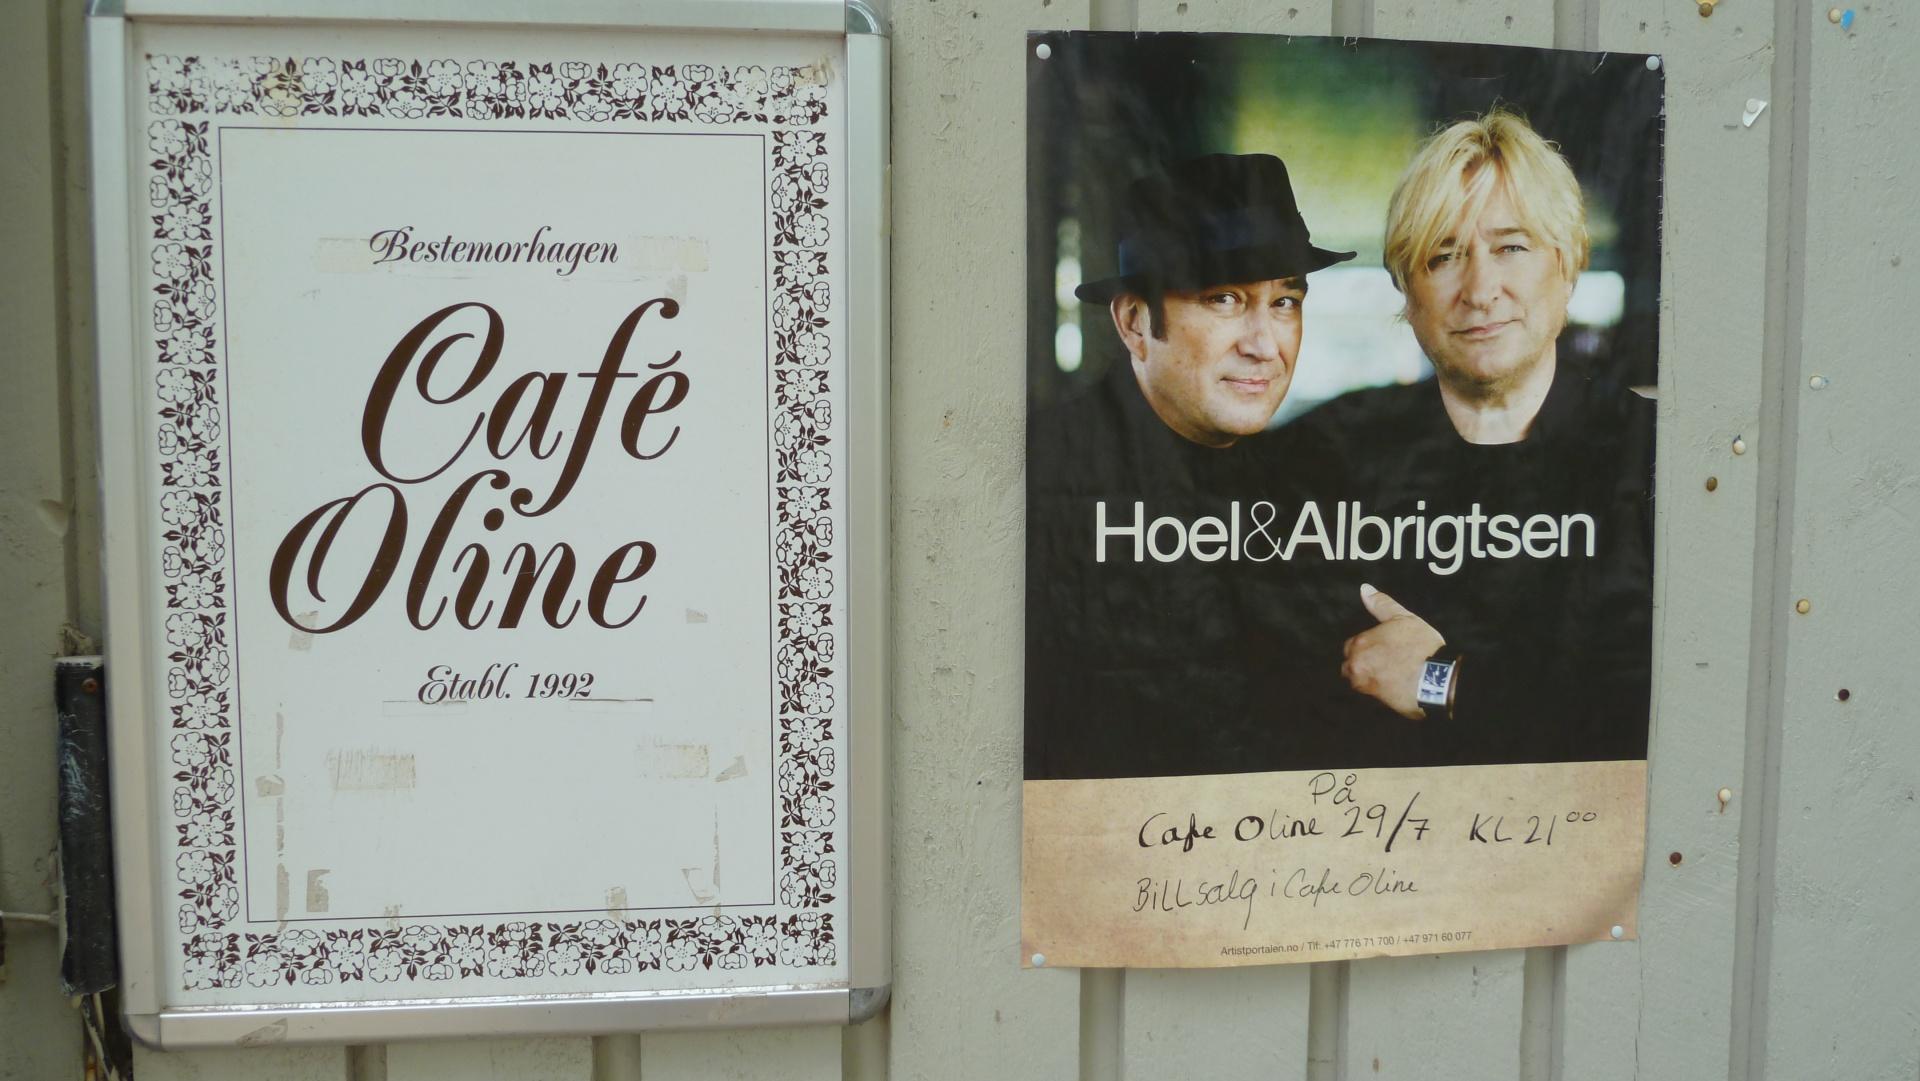 Cafè Oline, Søndre Sandøy, Hvaler juli 2010